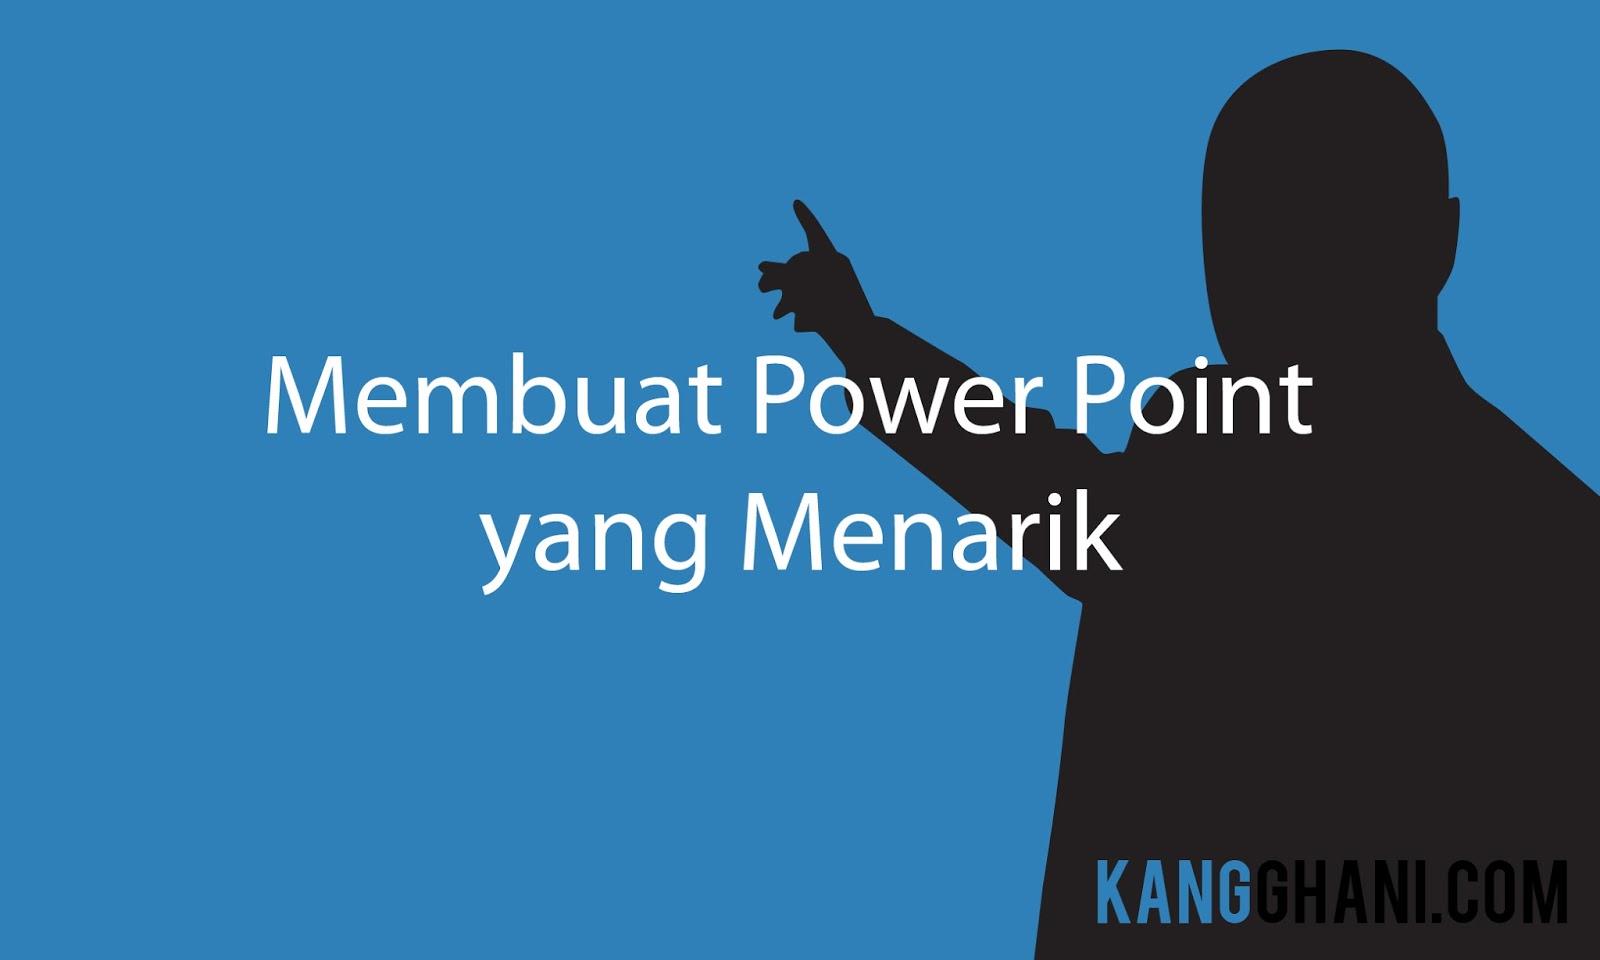 Membuat power point yang sederhana namun menarik toneelgroepblik Image collections